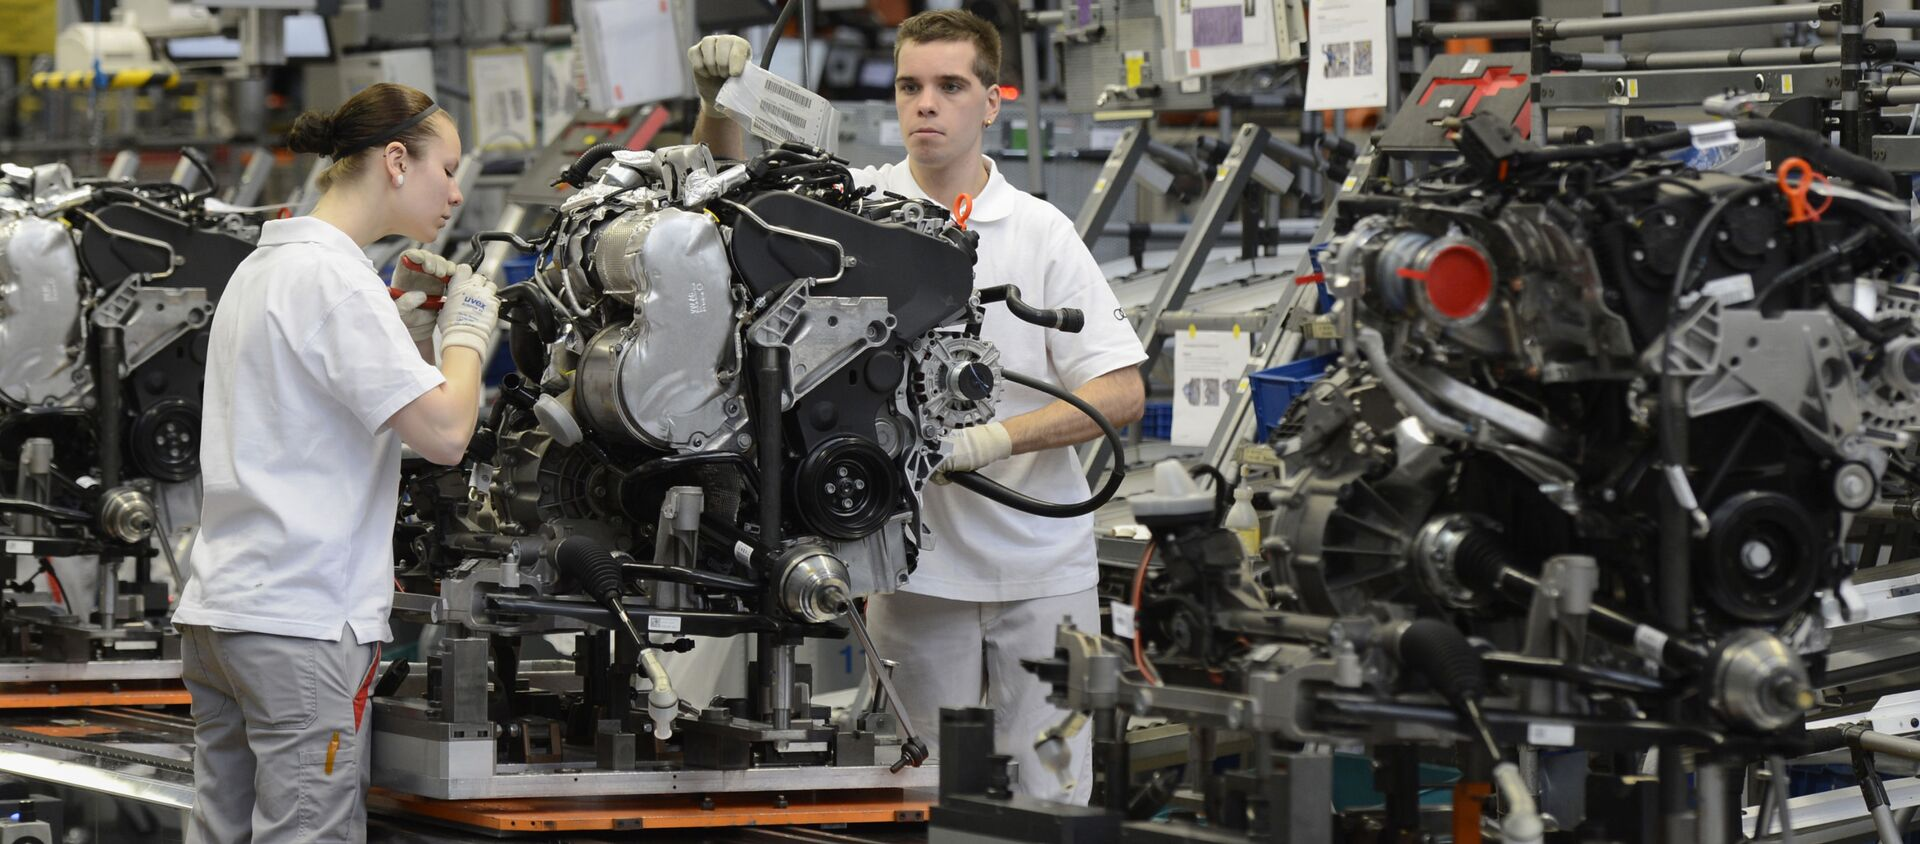 Zaměstnanci pracují v továrně Audi v Německu - Sputnik Česká republika, 1920, 02.04.2021